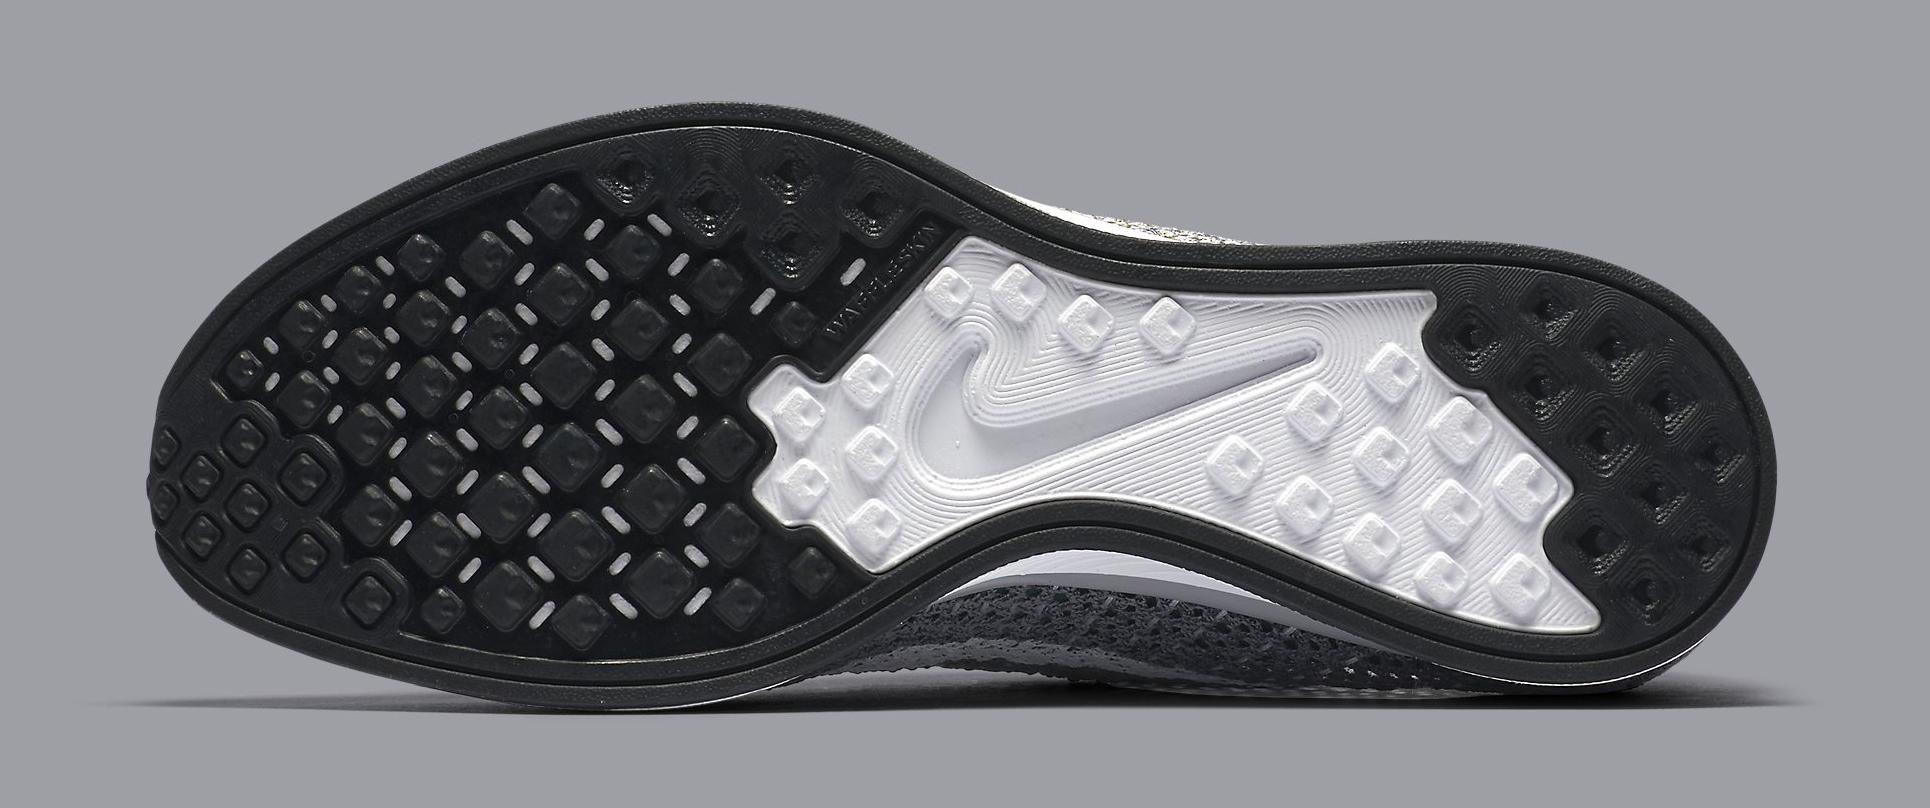 Nike Flyknit Racer Grey 862713-002 Sole